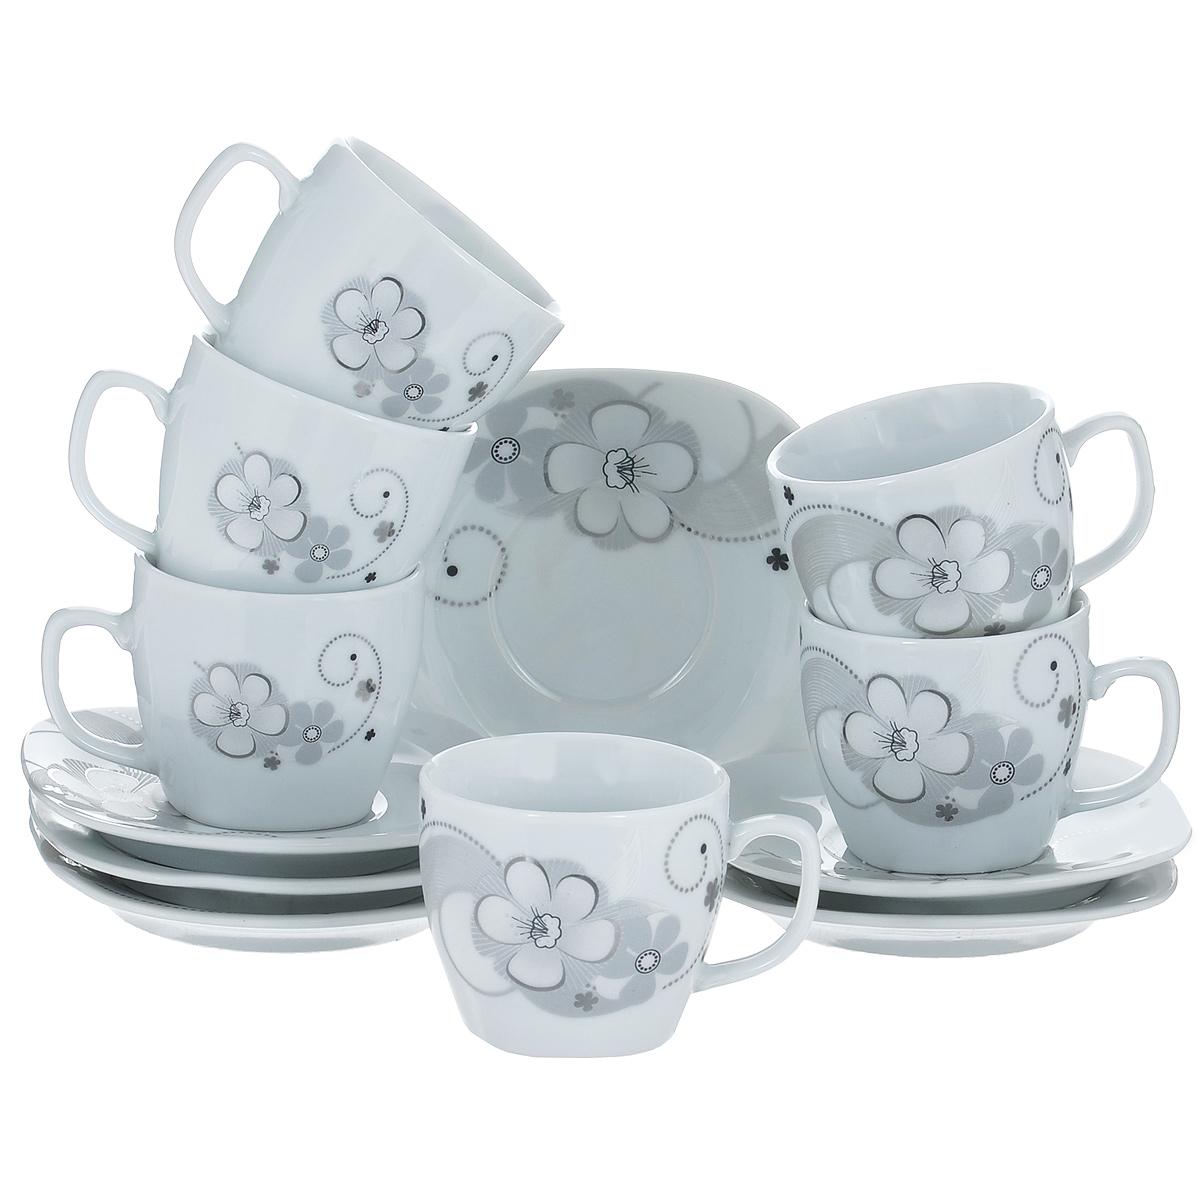 Набор кофейный Bekker, 12 предметовBK-6813Набор кофейный Bekker состоит из 6 чашек и 6 блюдец. Чашки и блюдца изготовлены из высококачественного фарфора с изображением цветов. Такой дизайн, несомненно, придется по вкусу и ценителям классики, и тем, кто предпочитает утонченность и изящность. Набор кофейный на подставке Bekker украсит ваш кухонный стол, а также станет замечательным подарком к любому празднику. Набор упакован в подарочную коробку из плотного цветного картона. Внутренняя часть коробки задрапирована белой атласной тканью, и каждый предмет надежно крепится в определенном положении благодаря особым выемкам в коробке. Можно мыть в посудомоечной машине.